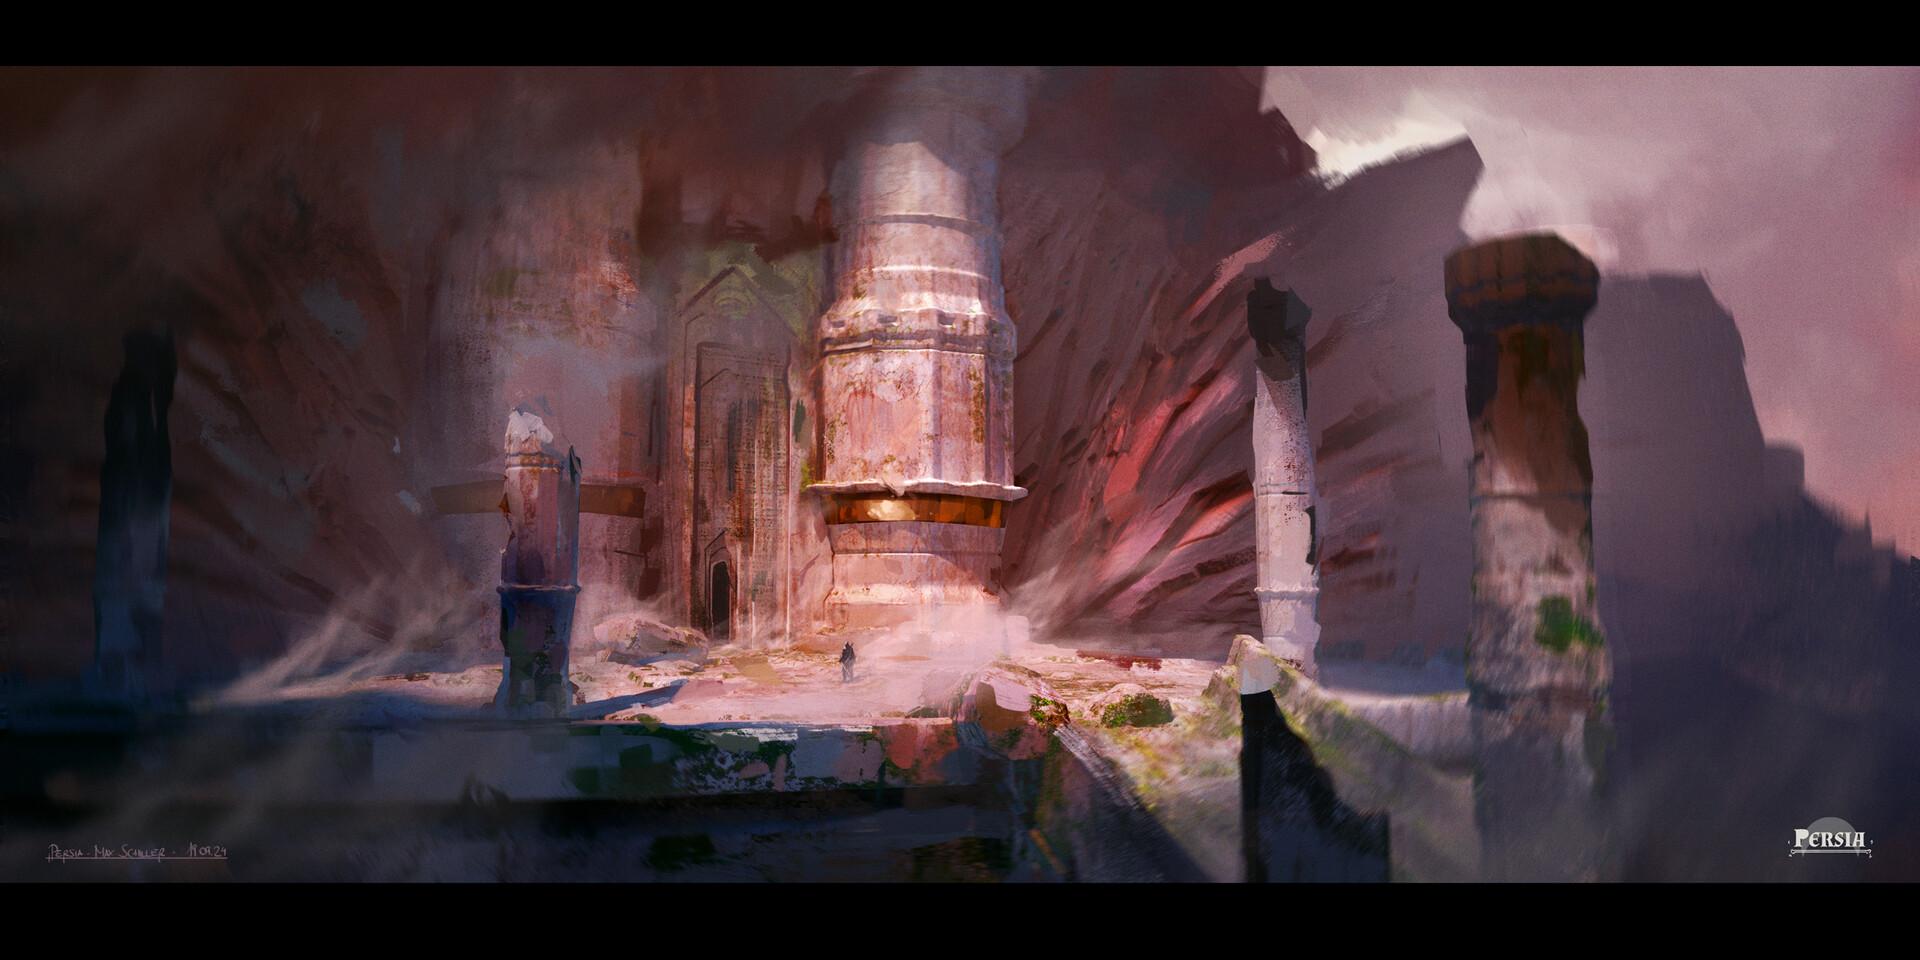 Max schiller 191001 ancientpersia scene2 a v01